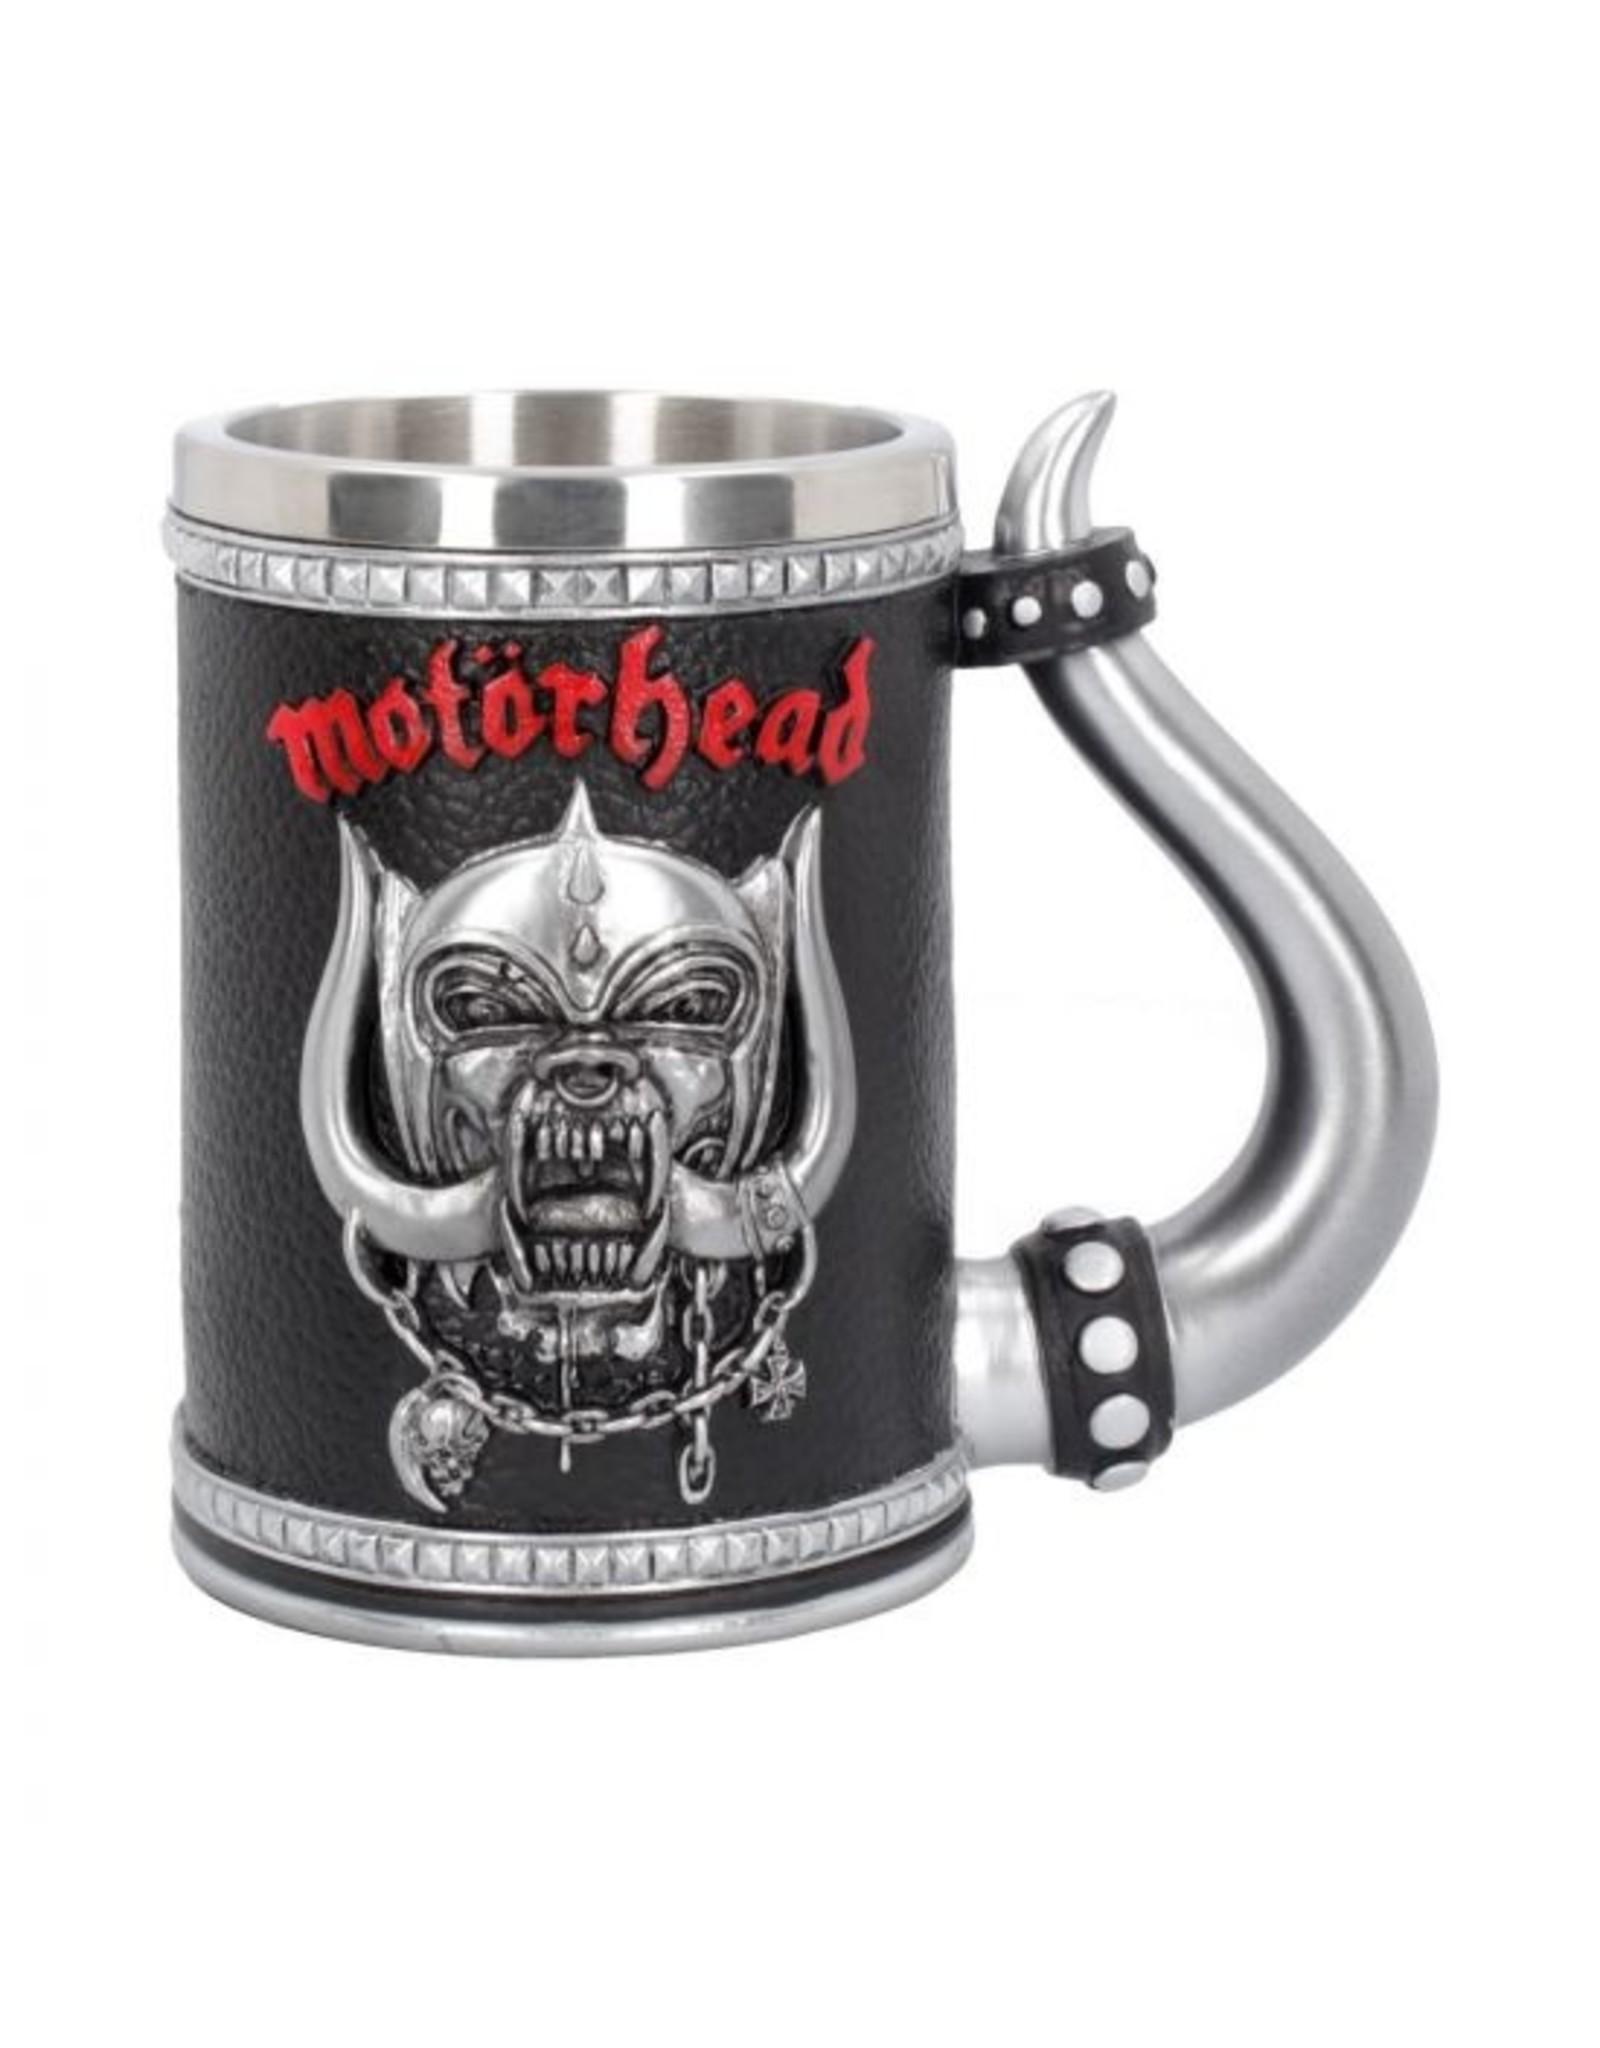 Motörhead Motörhead Krug - Warpig 14,5 cm